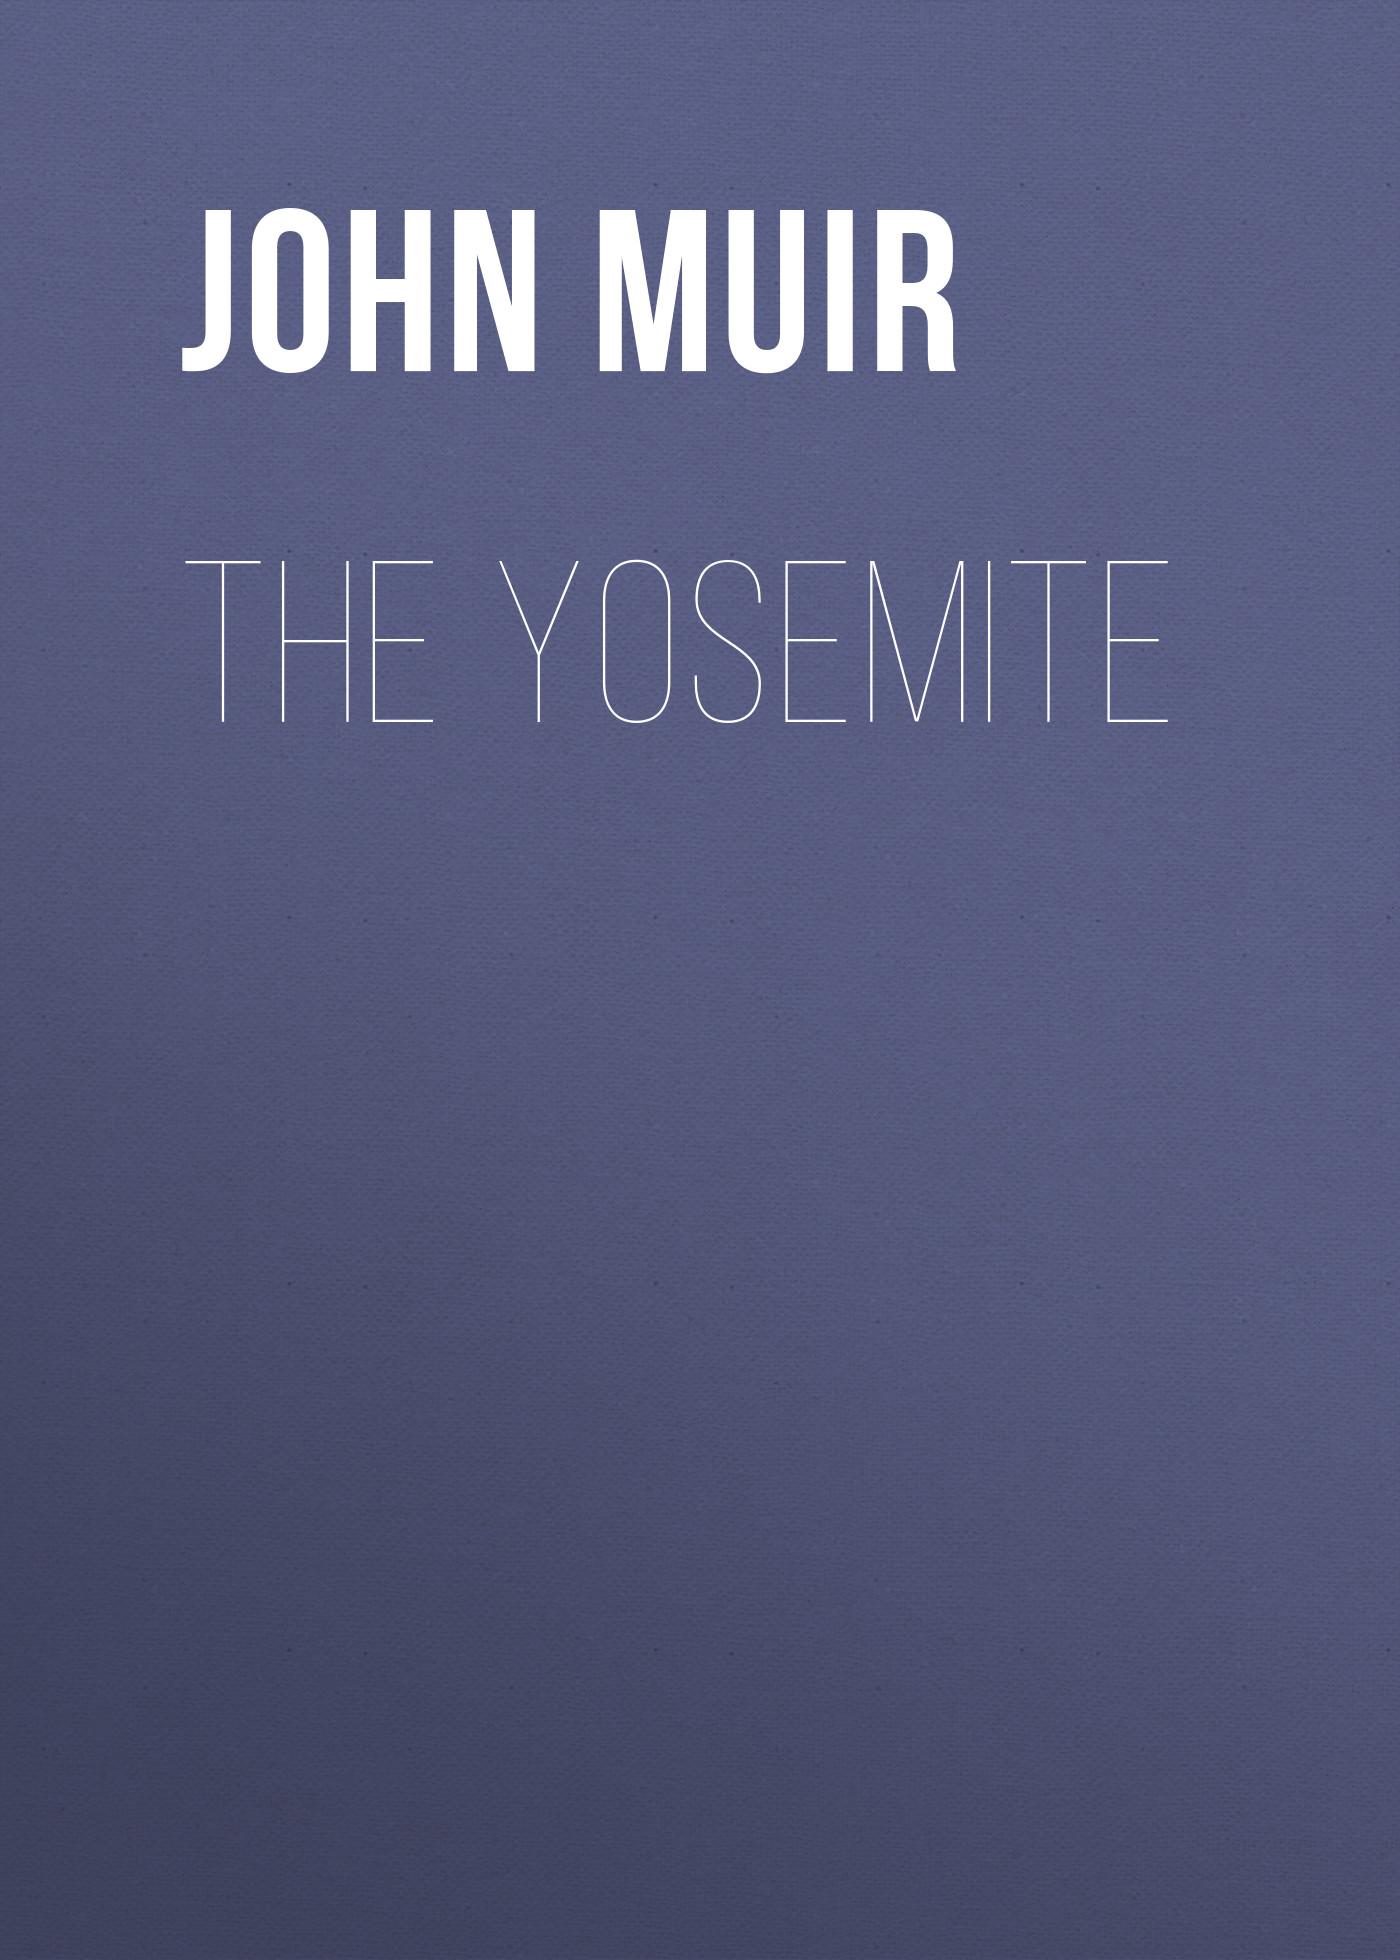 John Muir The Yosemite стоимость